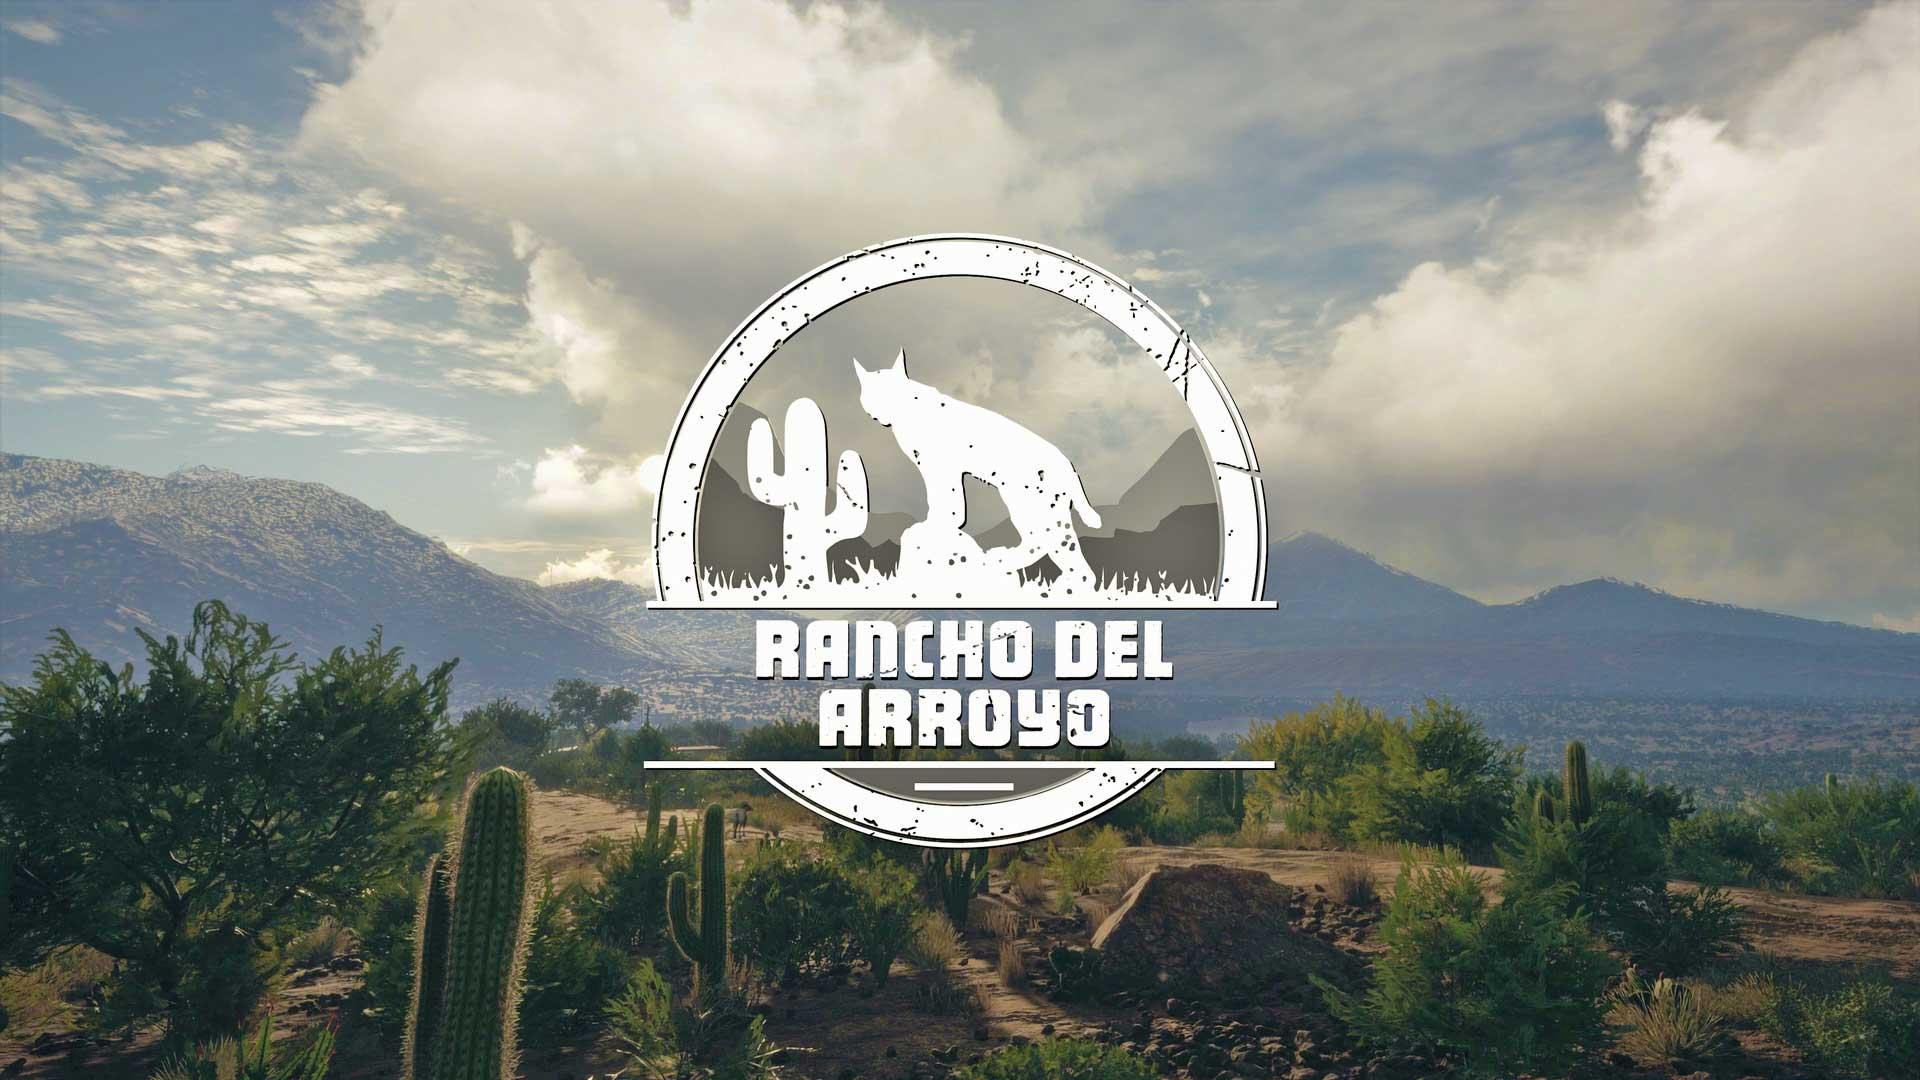 thehunter cotw rancho del arroyo dlc cover